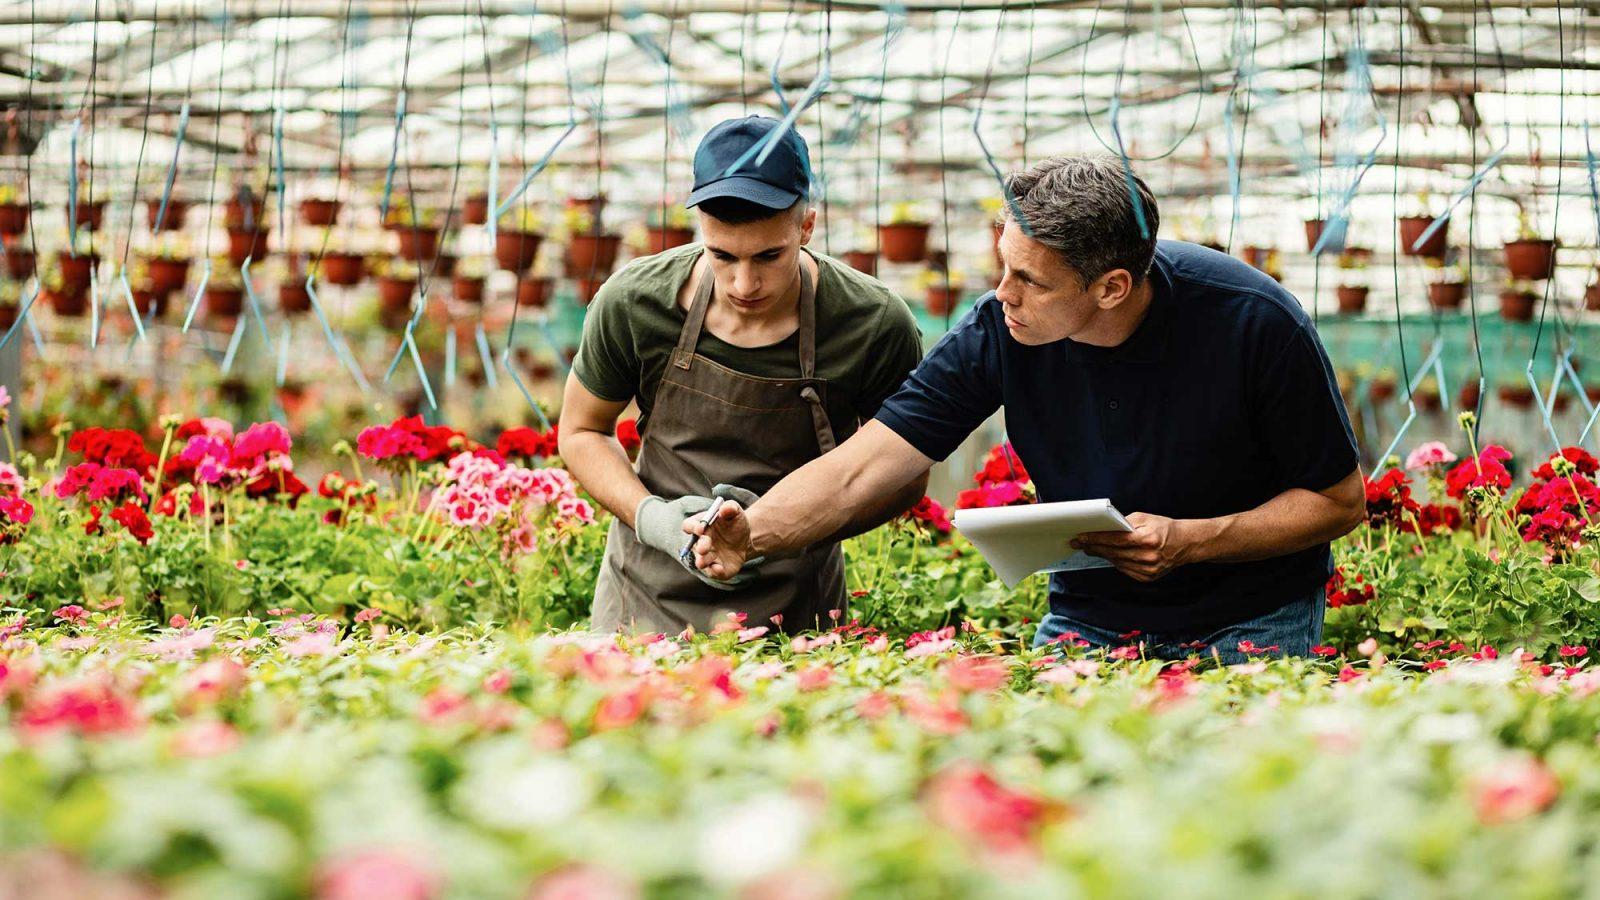 werkinstructies oost europese medewerkers